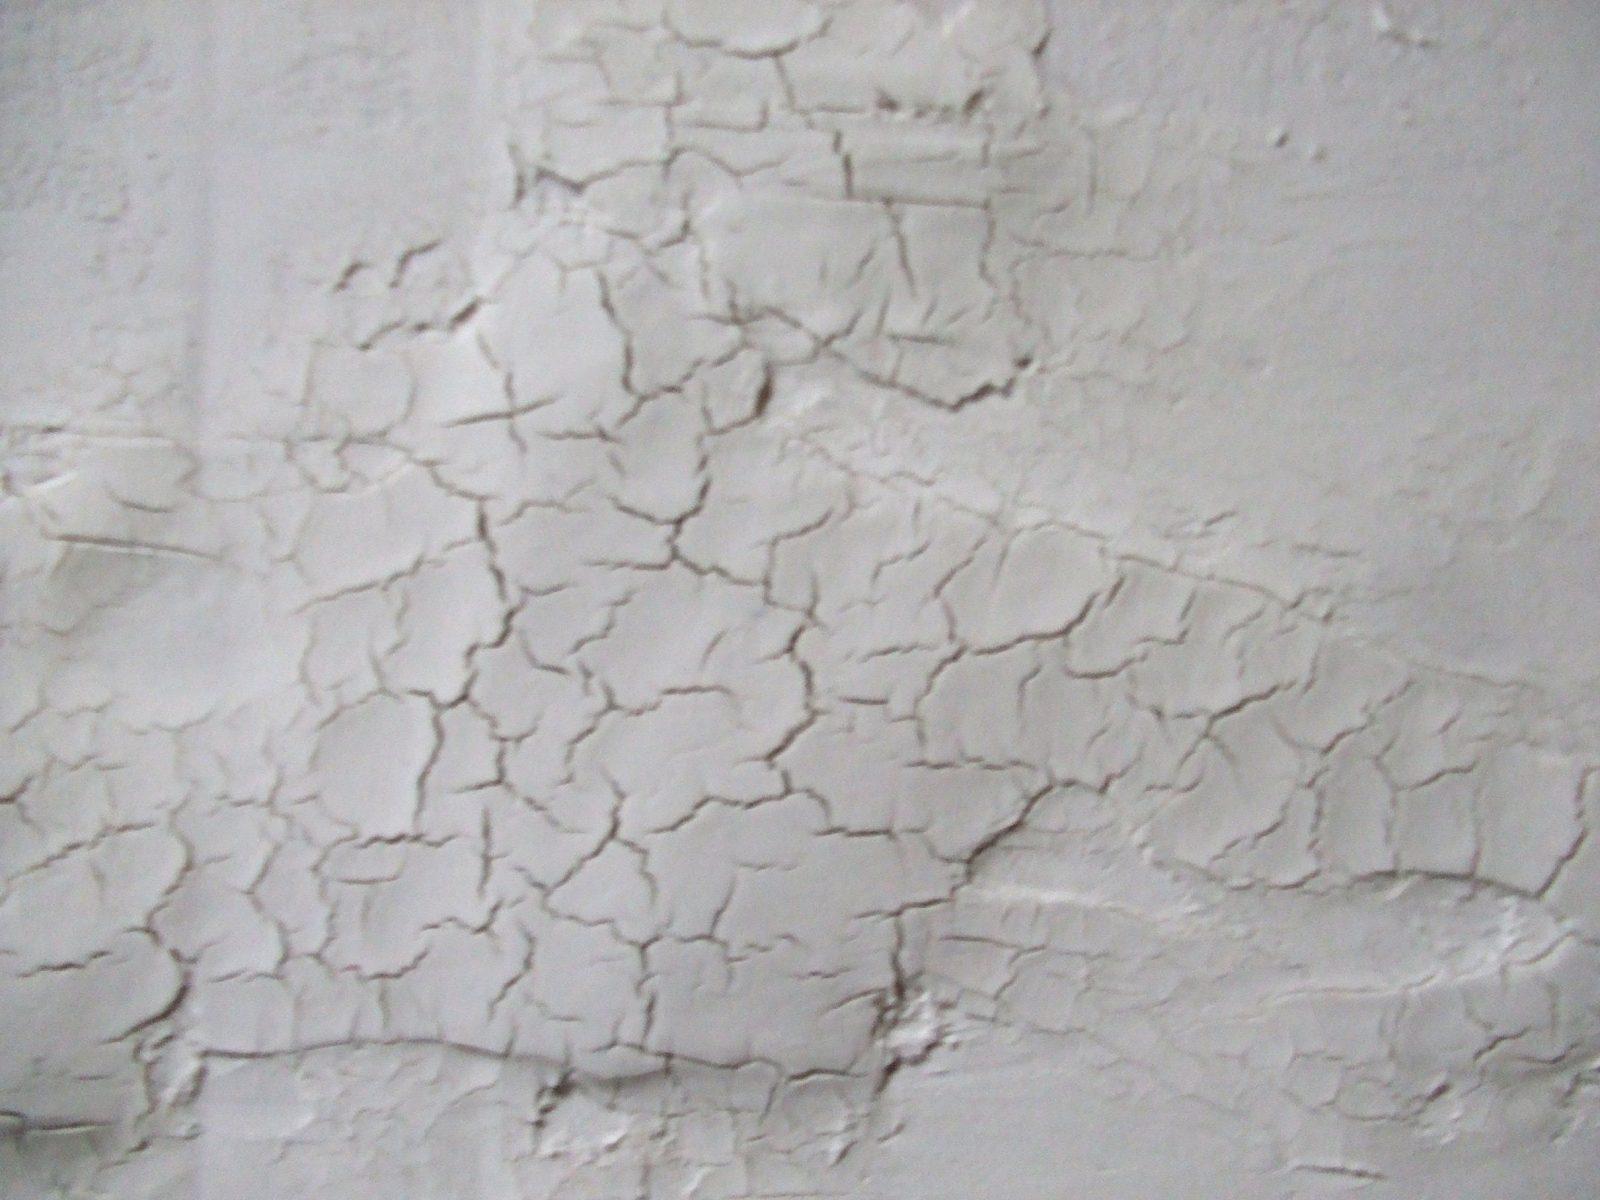 Strukturpaste Aus Marmormehl Risse Marble Flour Cracks  Youtube von Acrylbilder Mit Strukturpaste Anleitung Bild